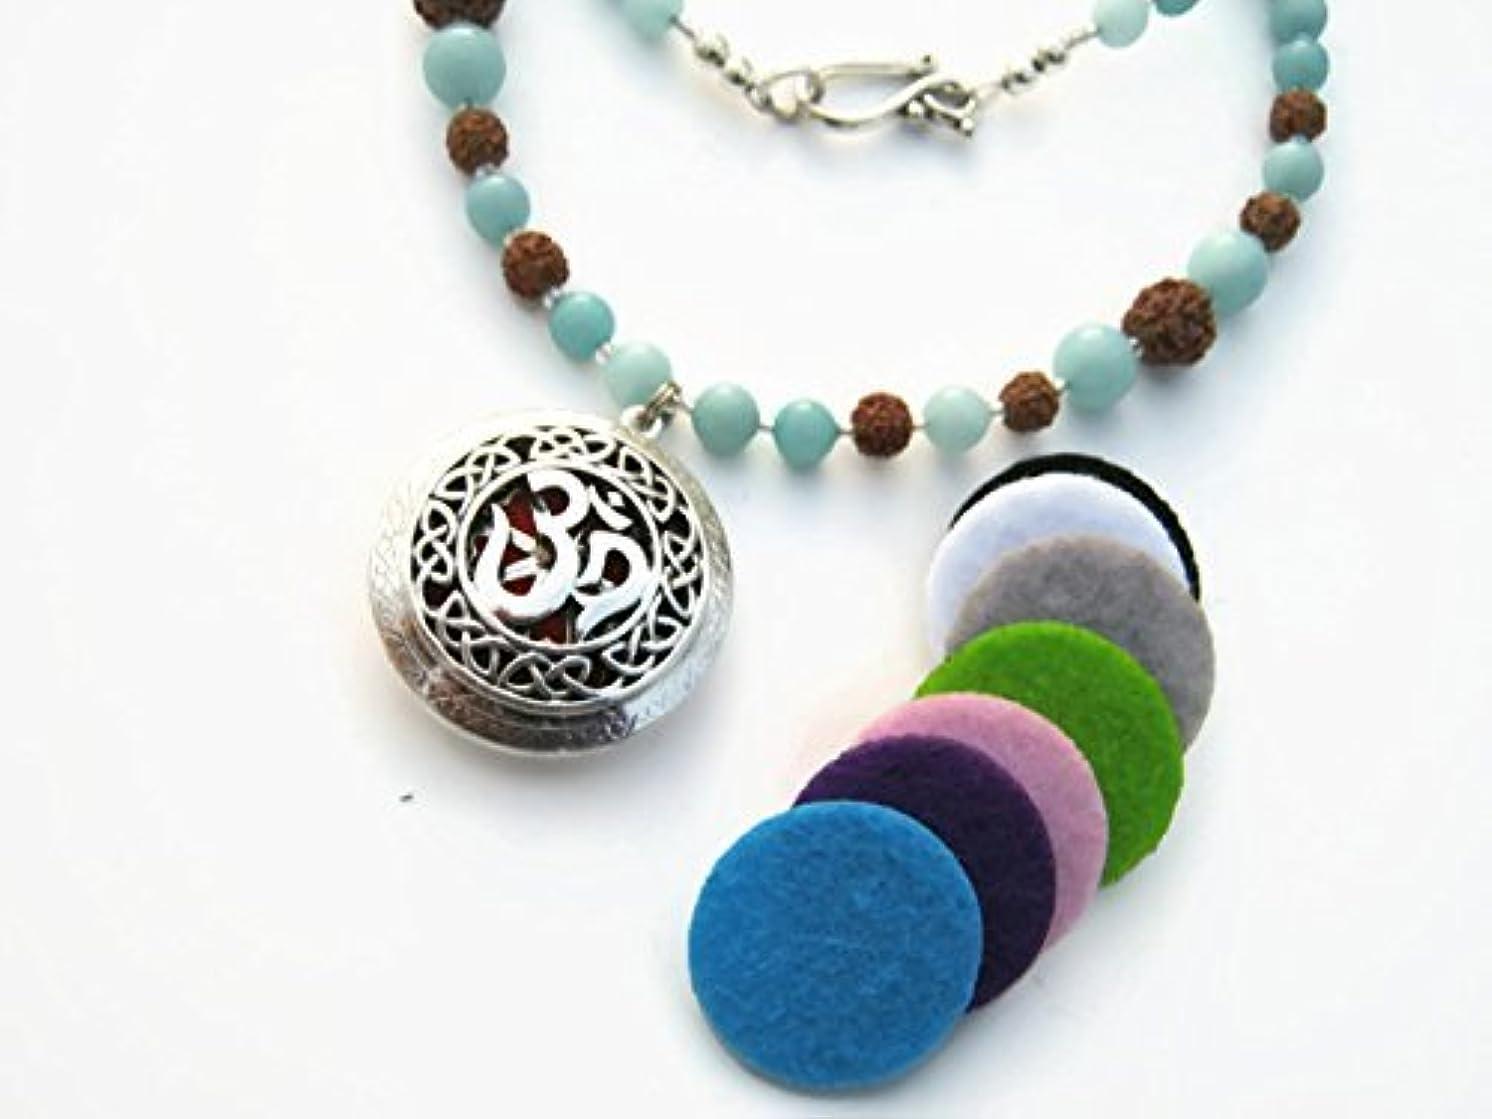 バーベキュー微妙冷蔵するOm Essential Oil Diffuser Necklace 23 Aqua Jade Gemstone Necklace Bodhi Seed Mala Locket Necklace [並行輸入品]